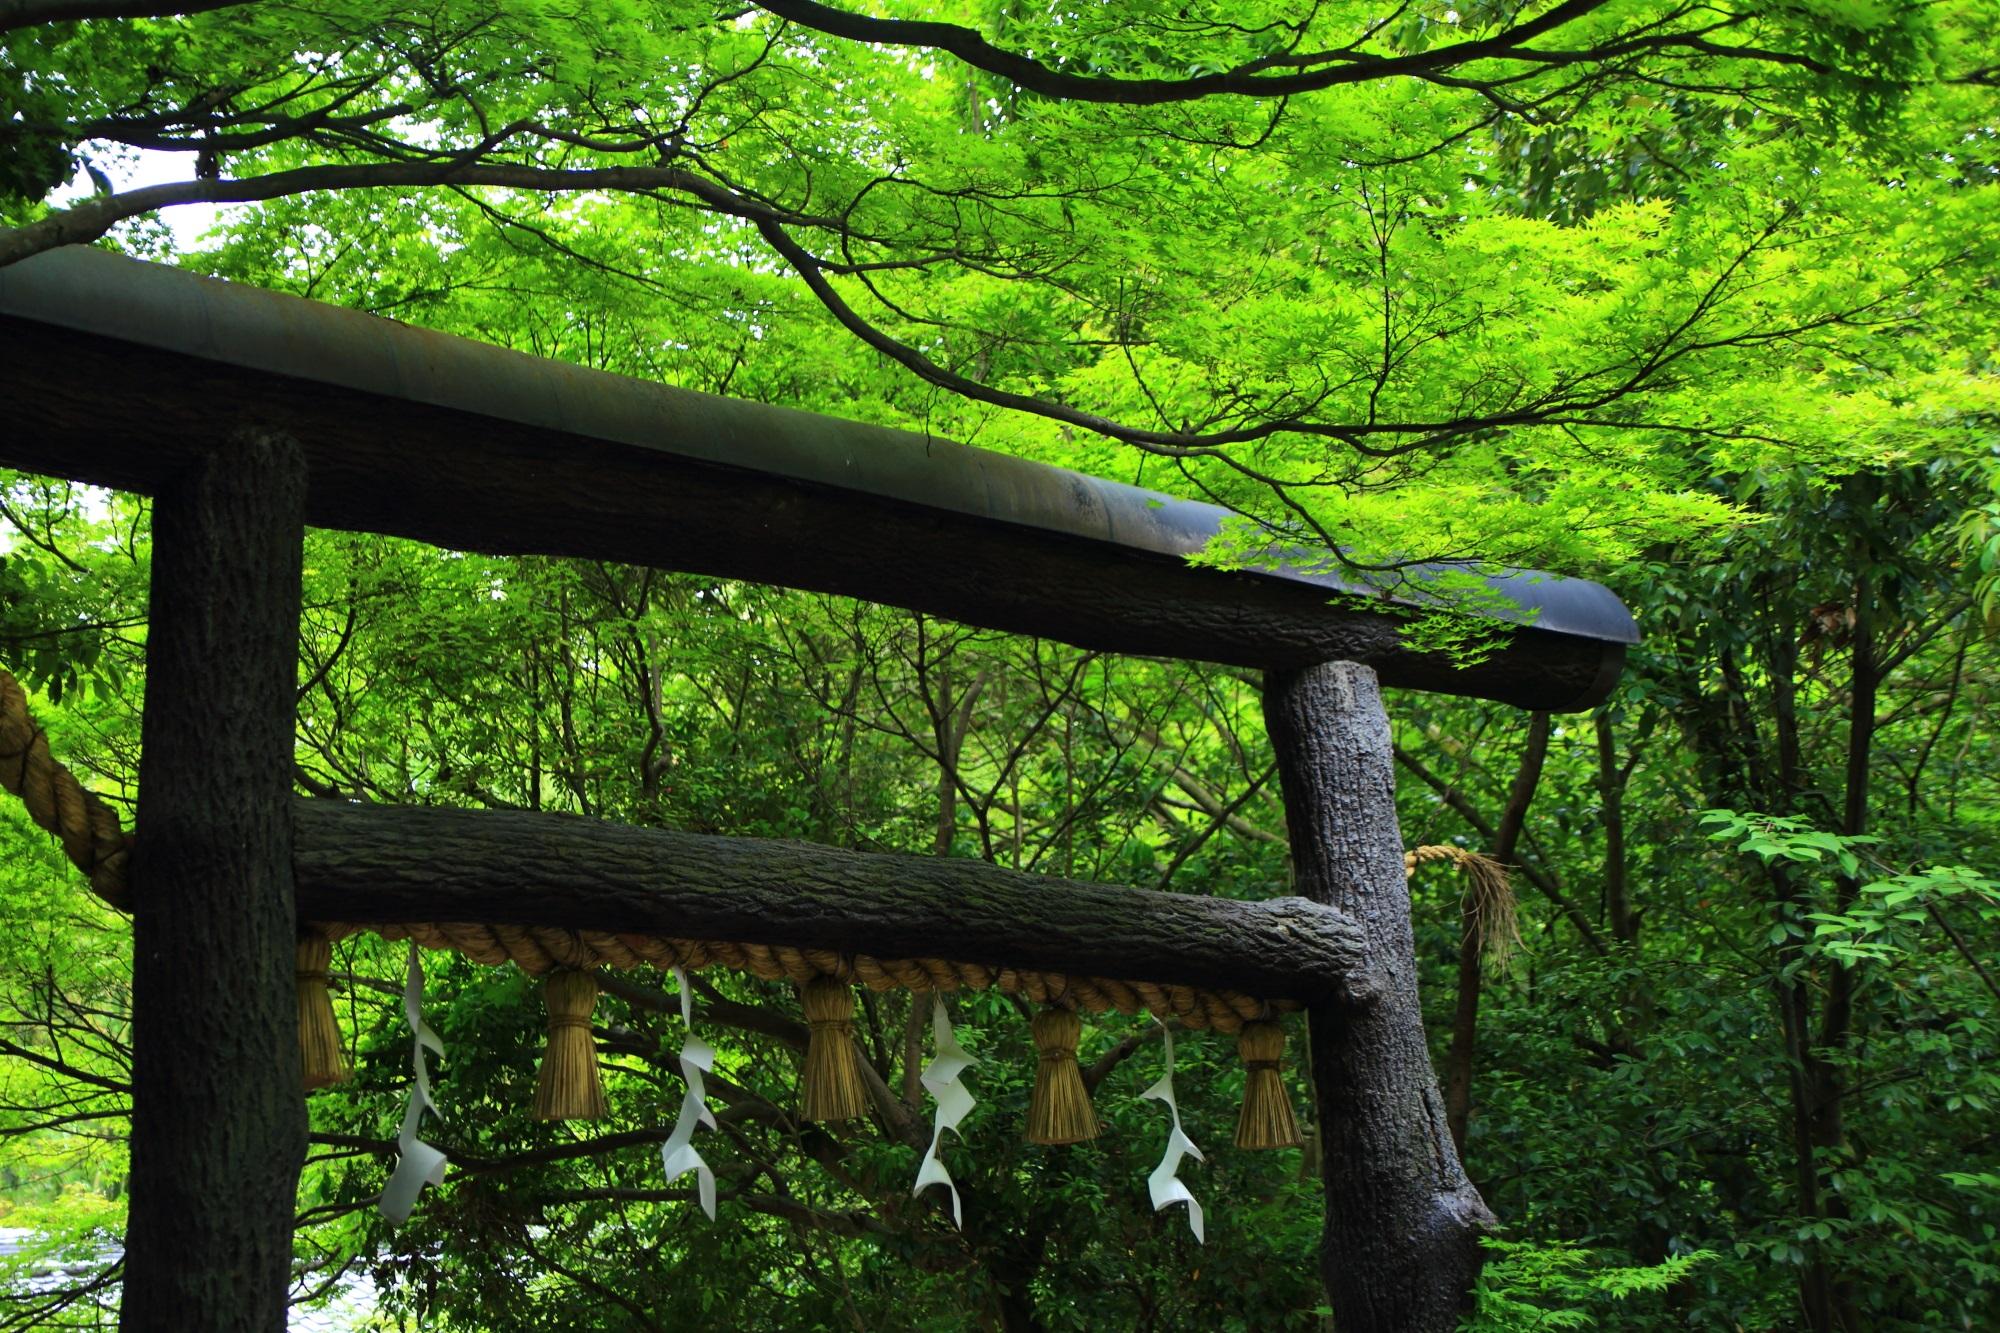 黒木鳥居 野宮神社 写真 高画質